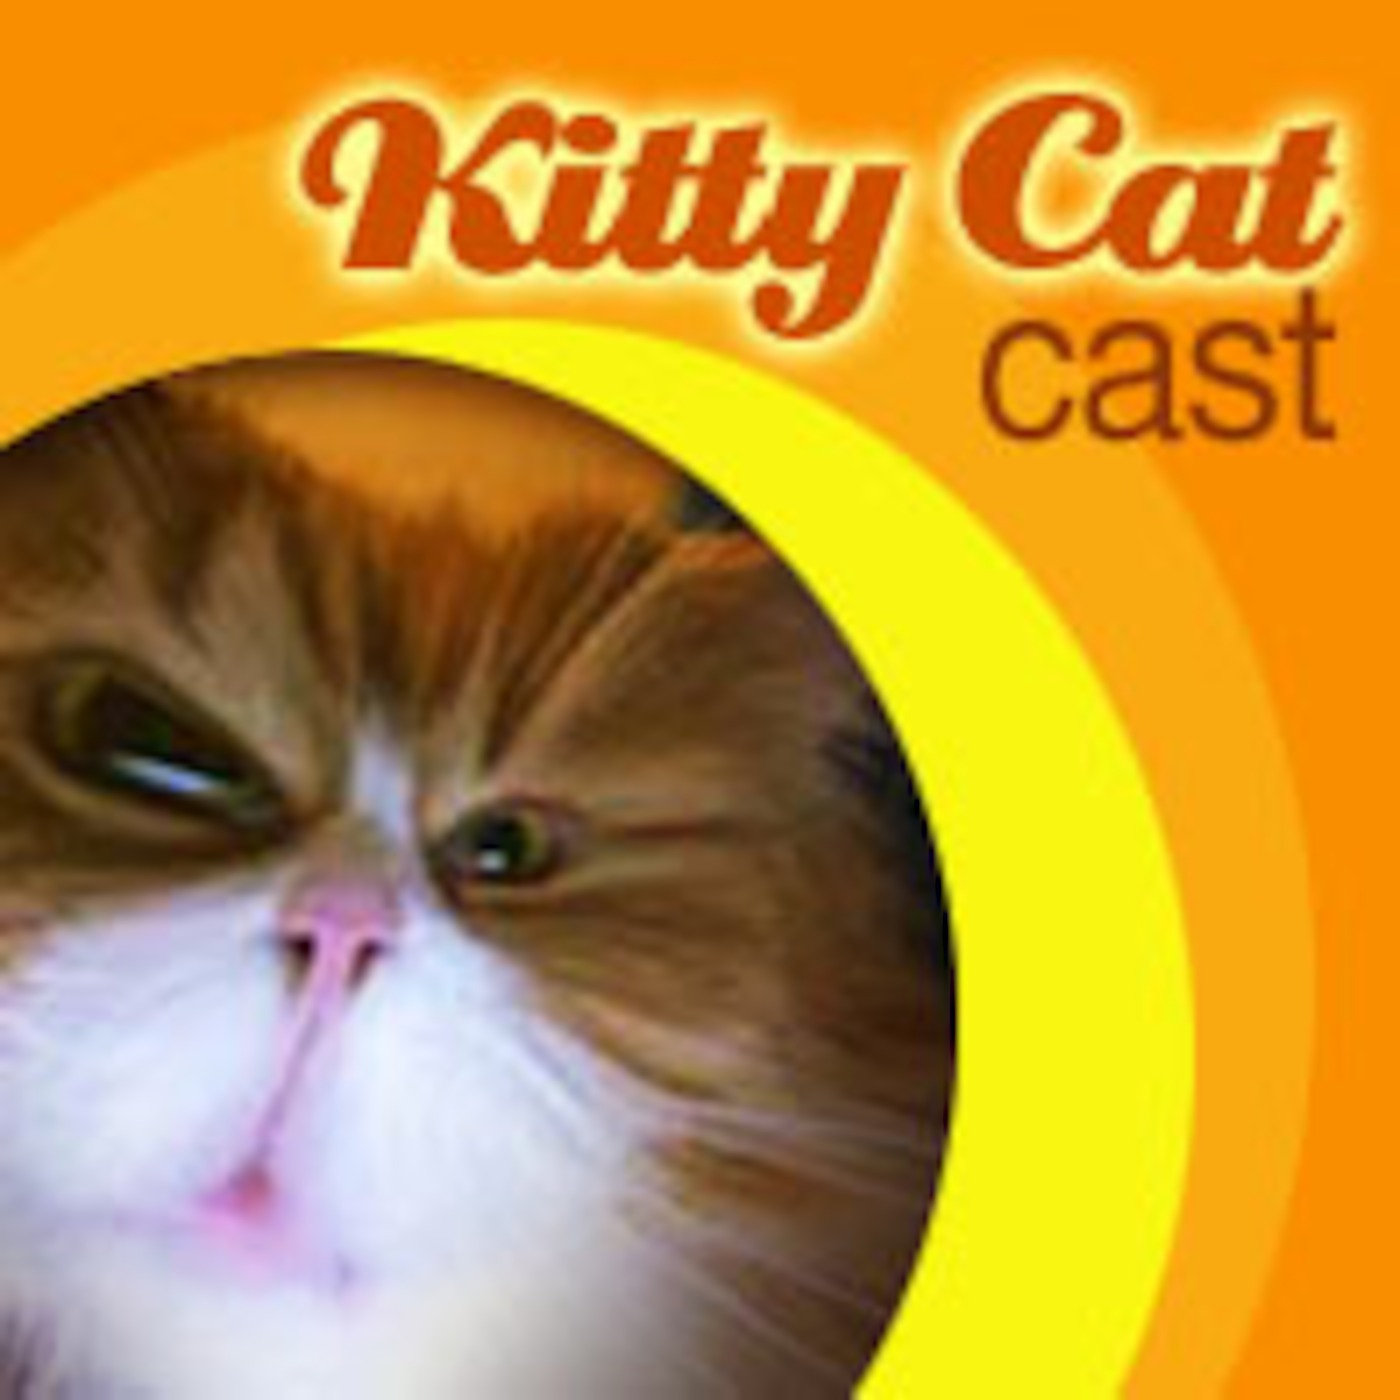 pod|fanatic | Podcast: Kitty Cat Cast | Episode: Vidcast #44